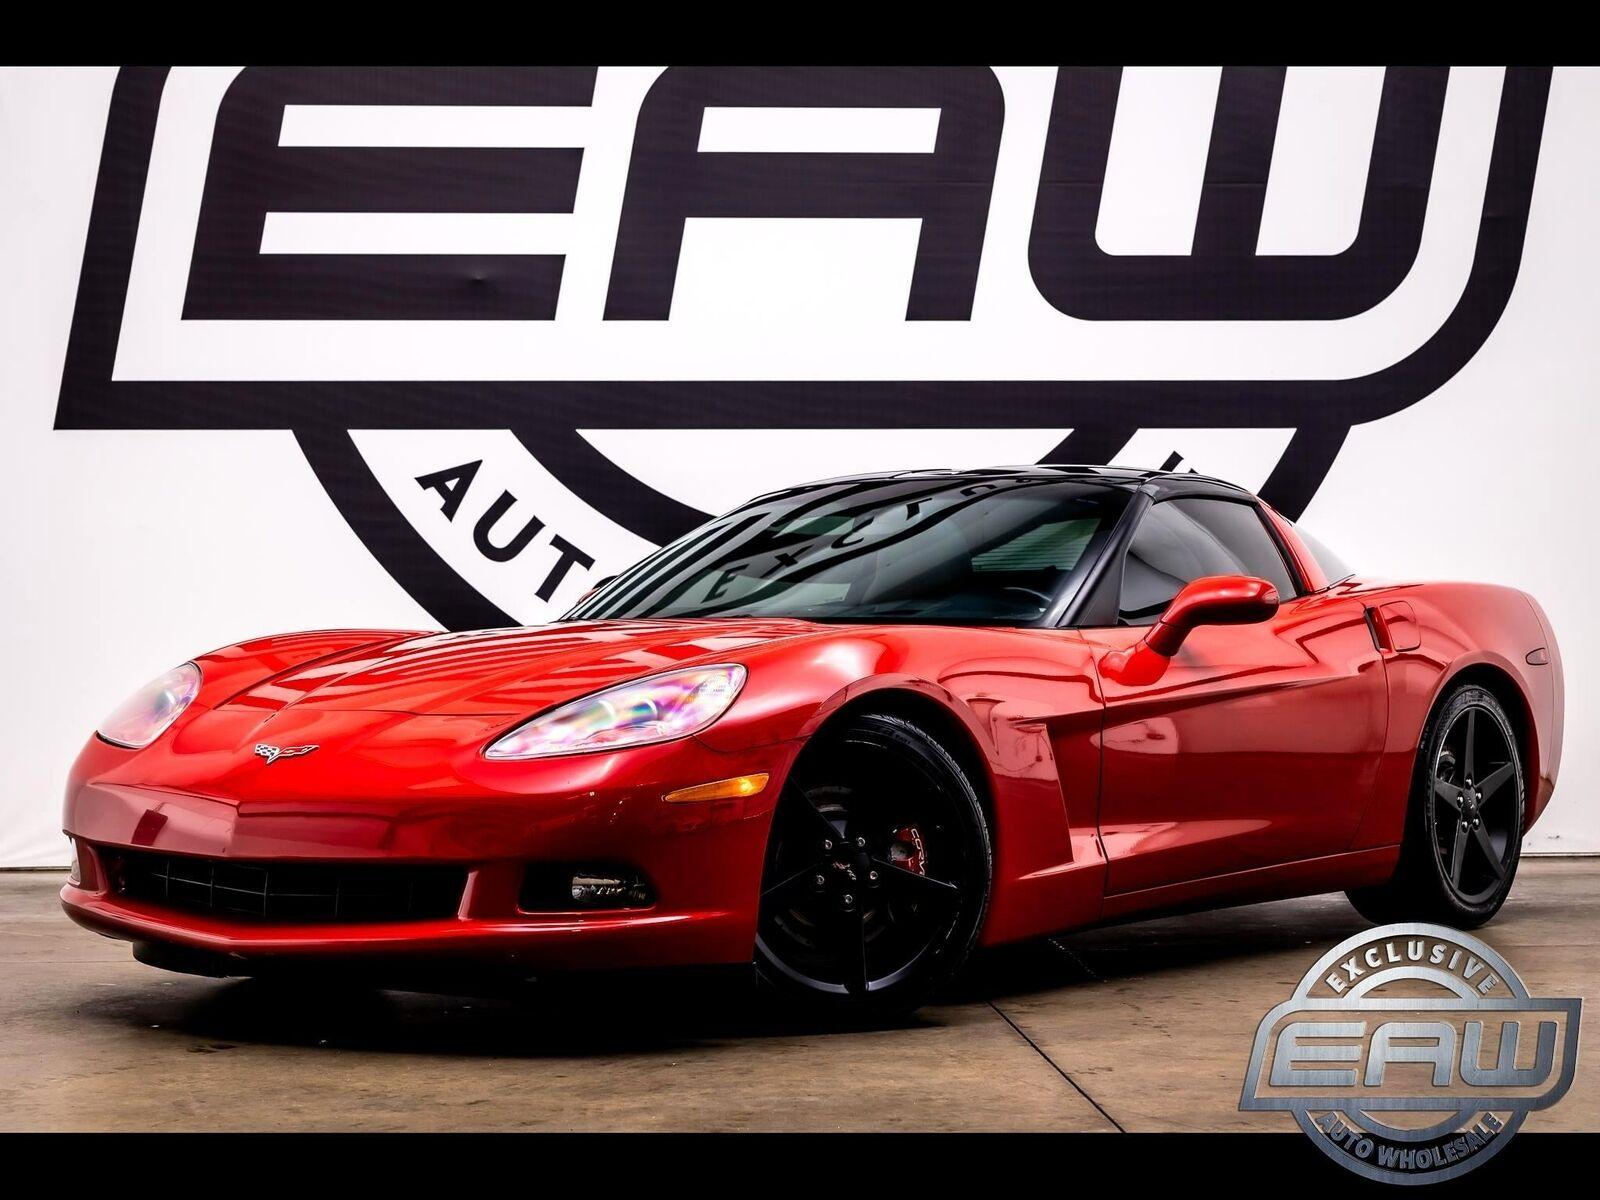 2005 Red Chevrolet Corvette Coupe  | C6 Corvette Photo 1